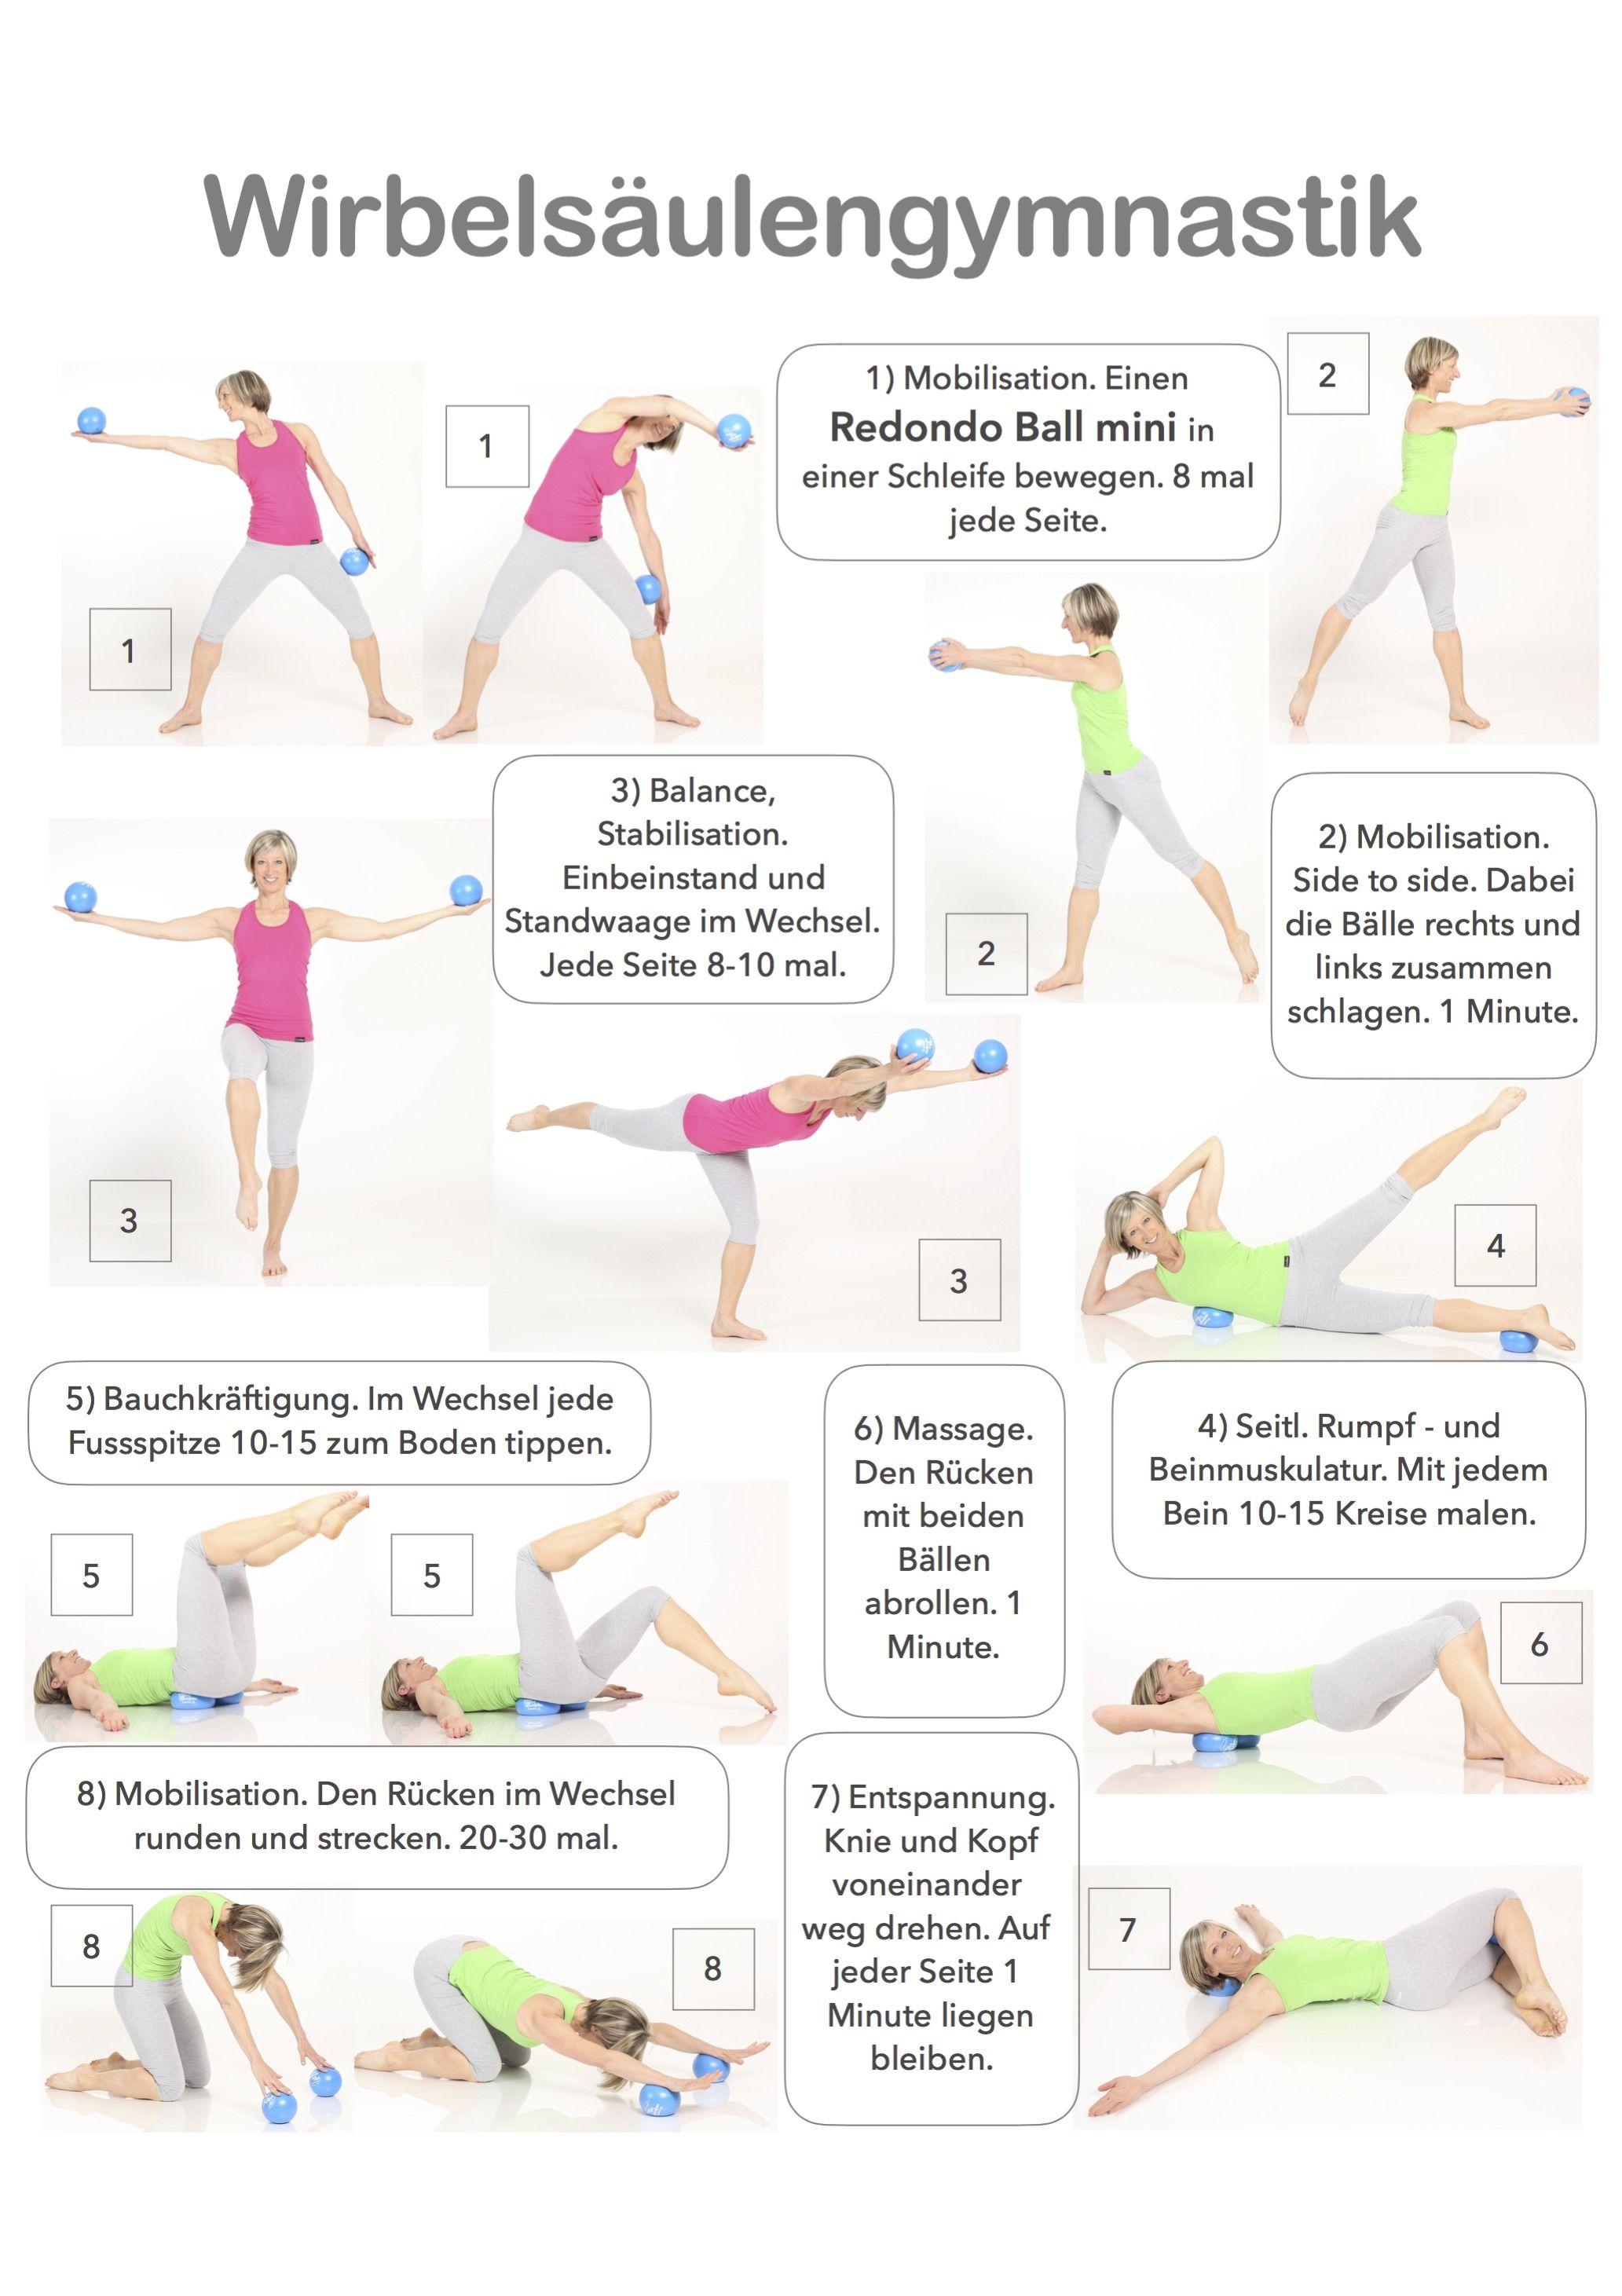 Für Deinen gesunden Rücken mit den Redondo Ball minis! Insgesamt ...